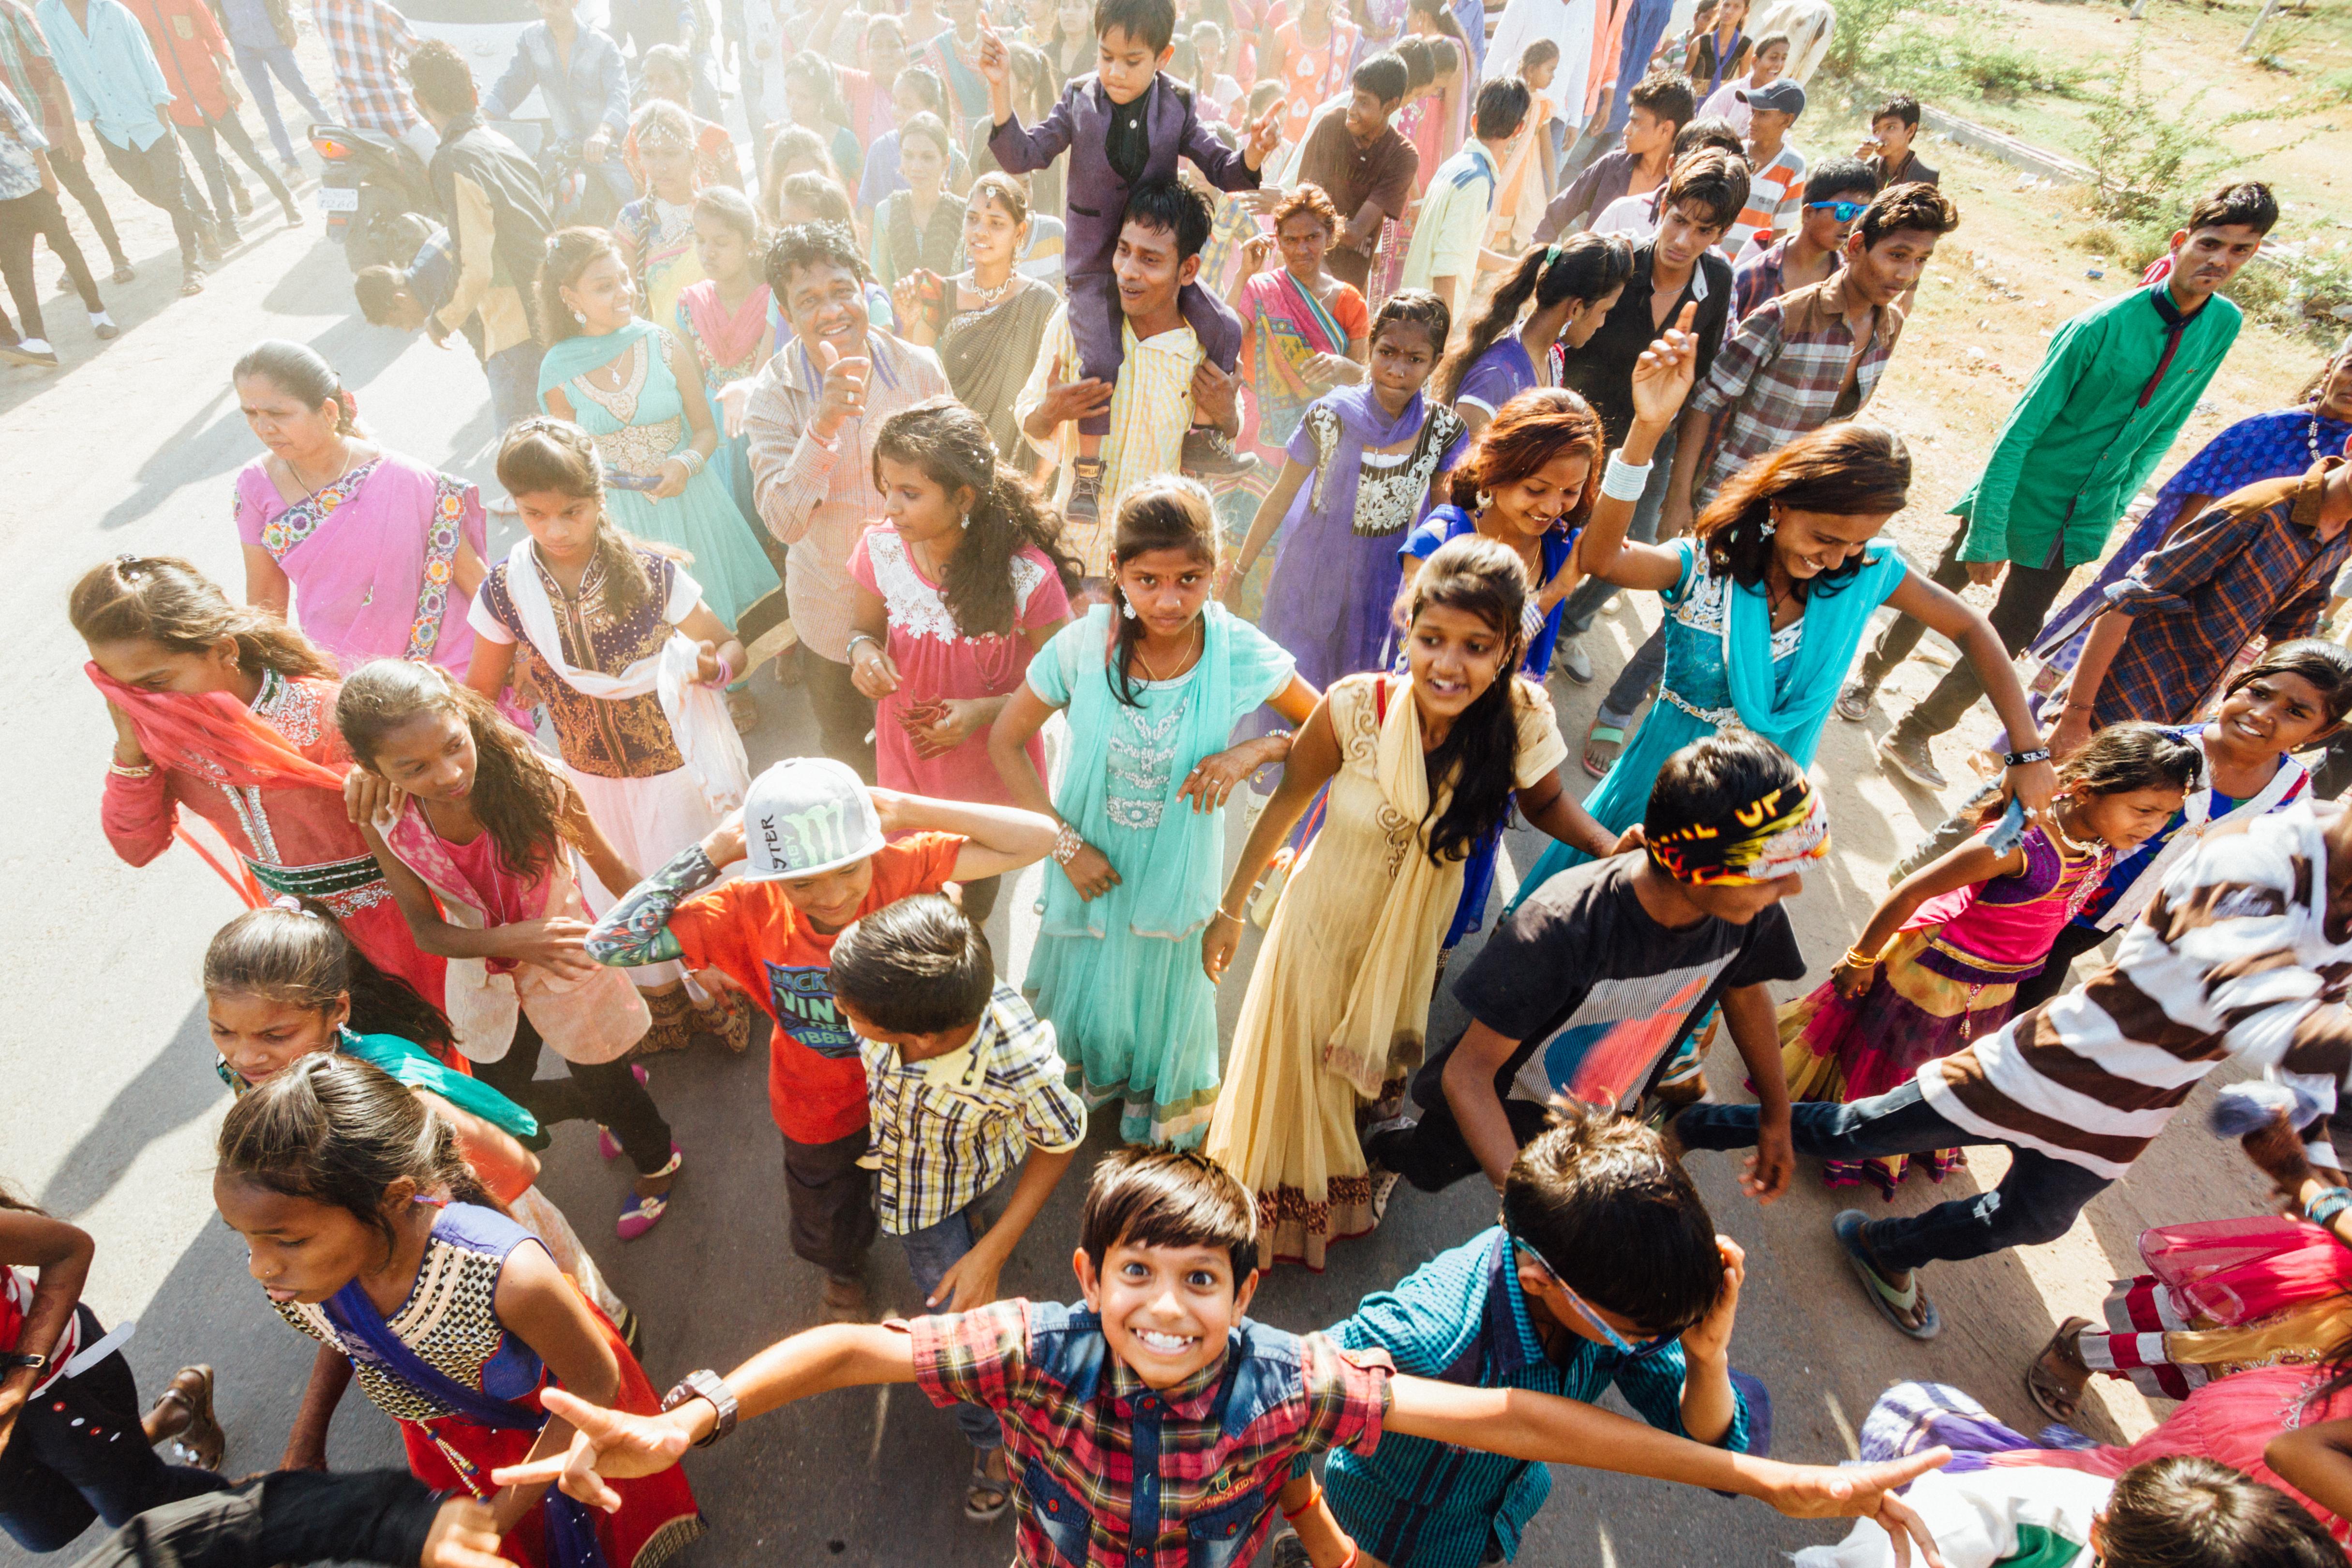 Crianças brincam durante festa de casamento em Anklesvar, Gujarat, Índia